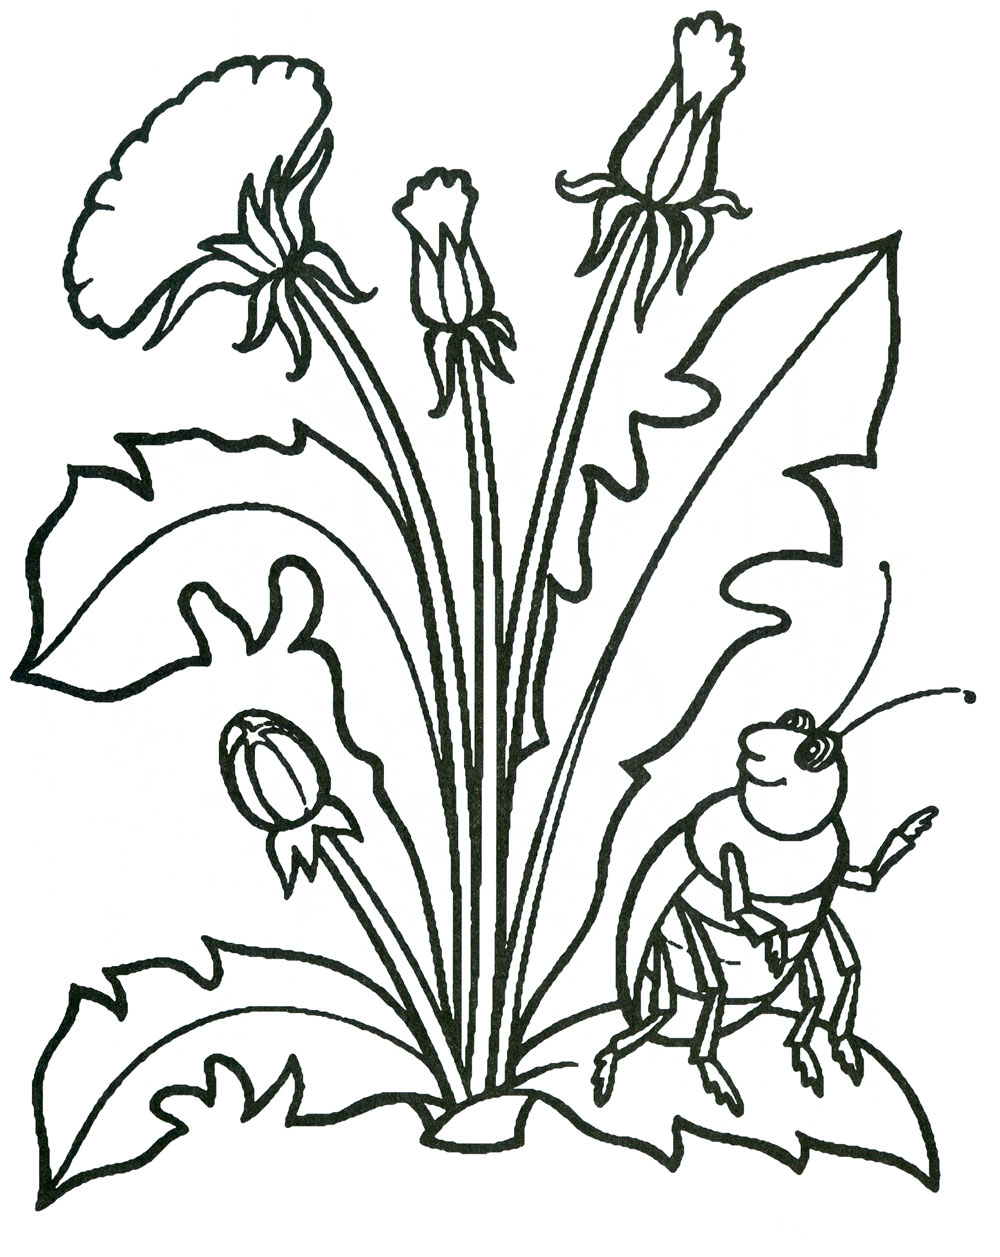 Раскраски деткам: Раскраска весенние цветы - одуванчики